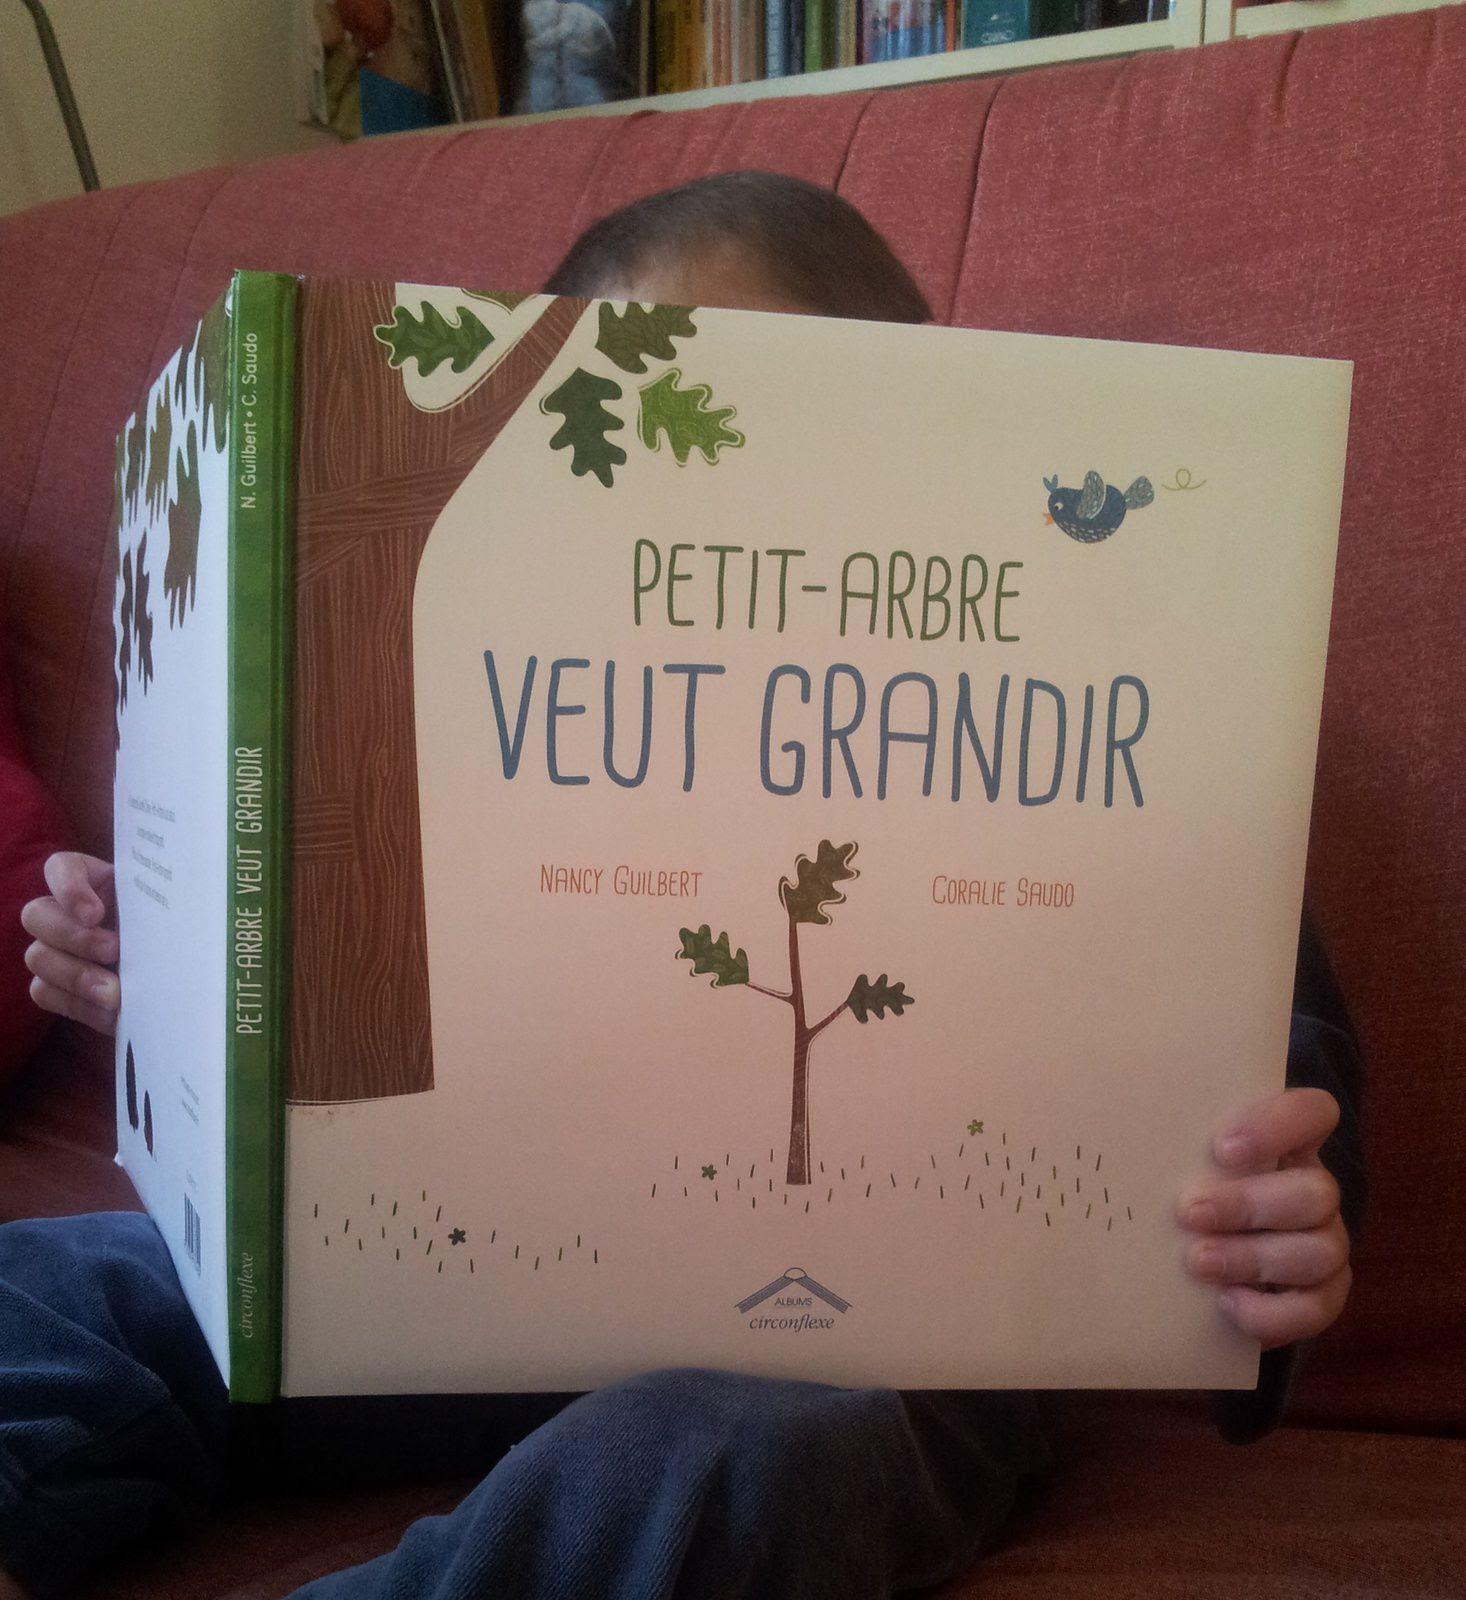 Petit-Arbre veut grandir. Texte de Nancy GUILBERT et illustrations de Coralie SAUDO. (Dès 3 ans)